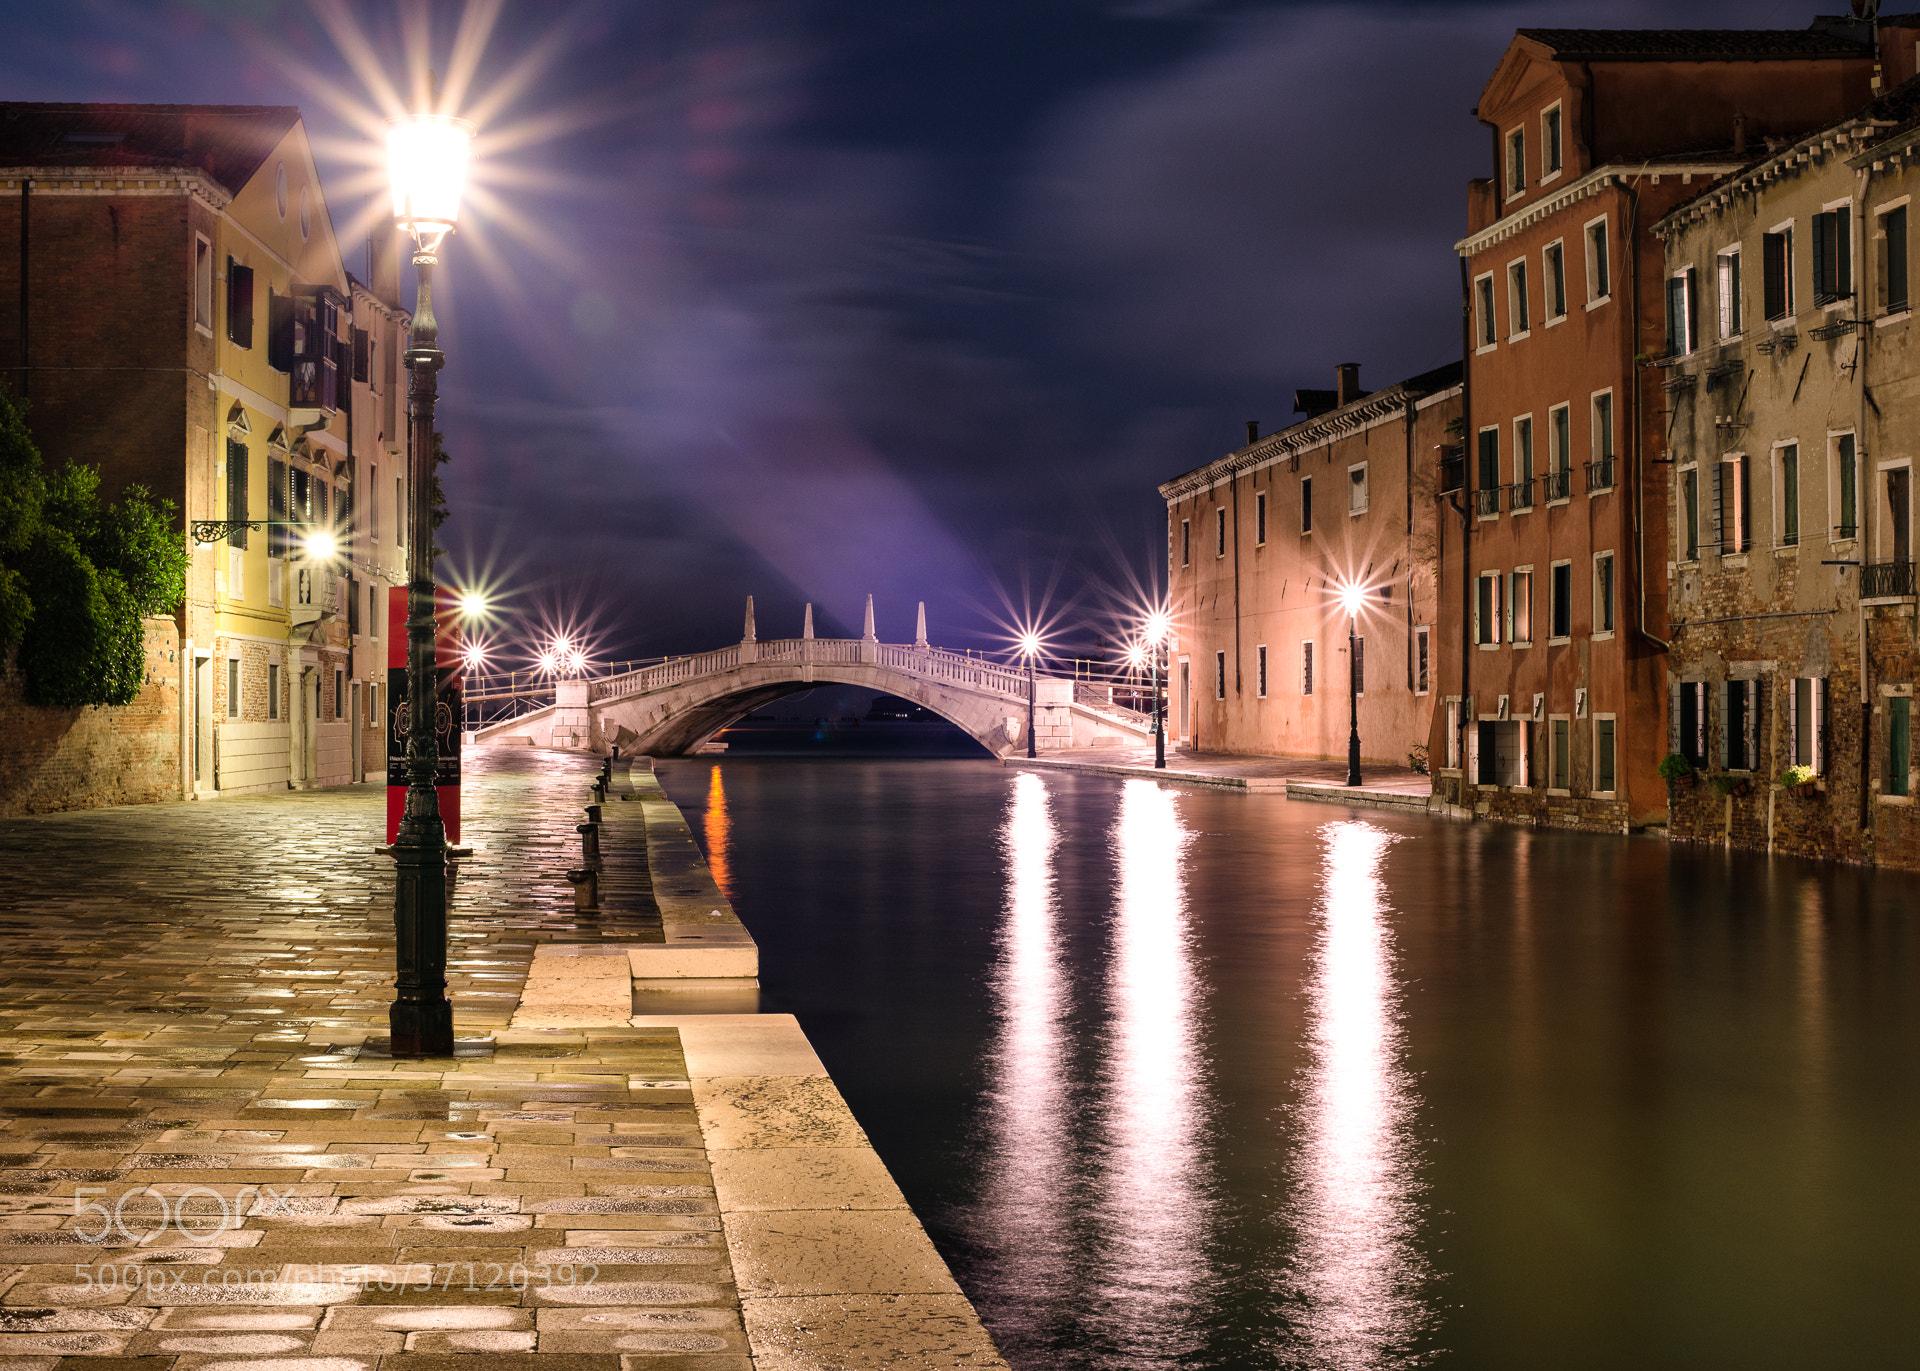 Photograph Venice by John Hann on 500px